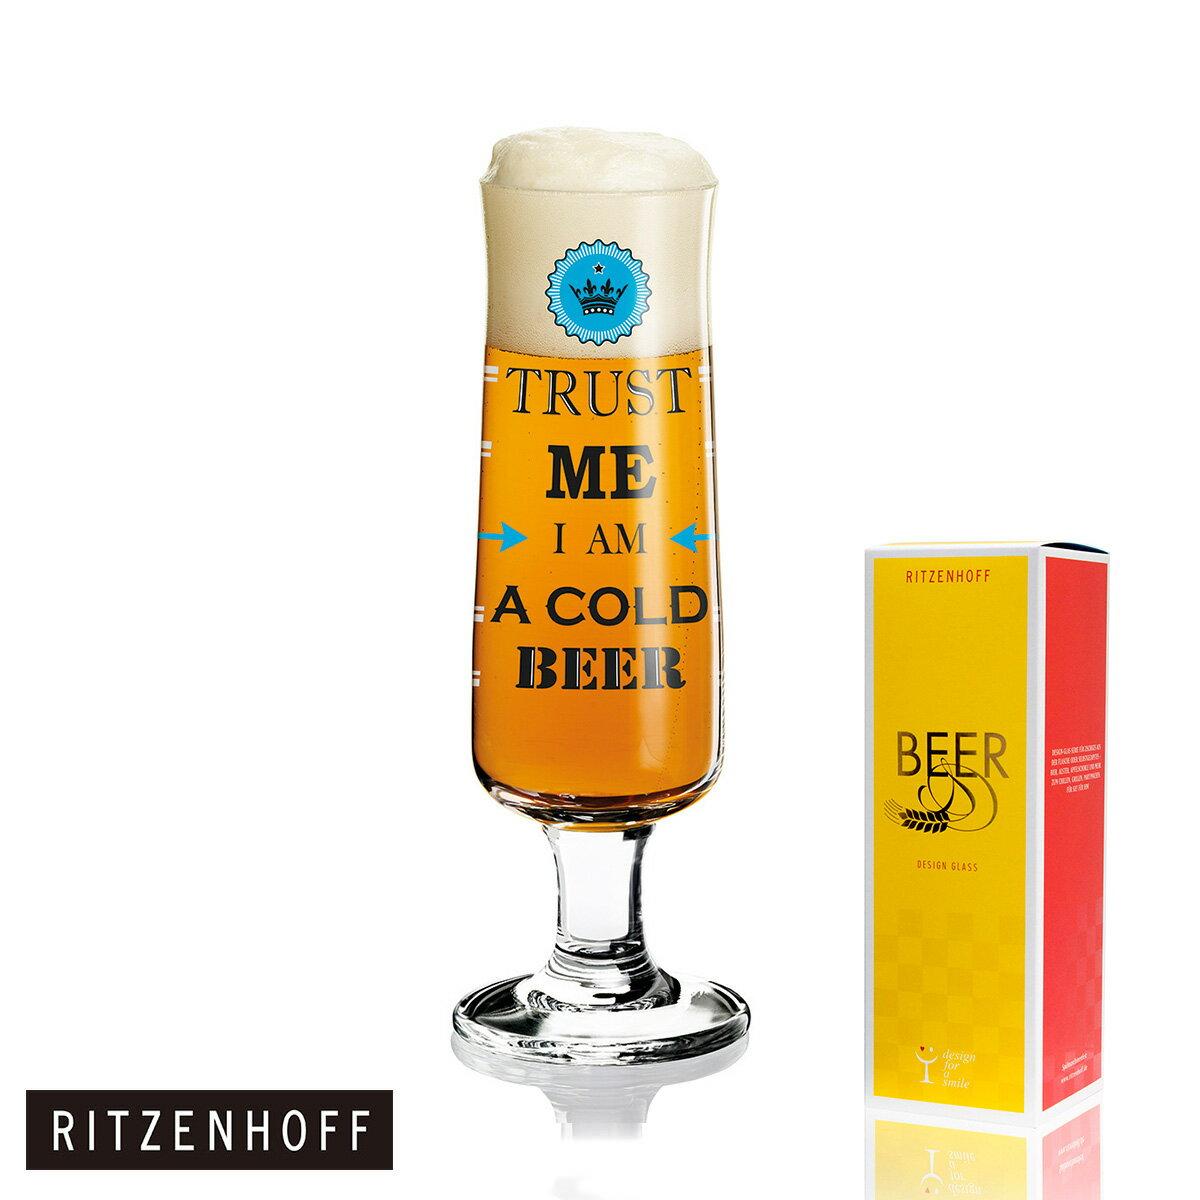 【ポイント20倍】RITZENHOFF BEER CRYSTAL COLLECTION リッツェンホフ ビアクリスタル(Gabriel Weirich-83220018)ビアグラス ビールグラス ビア グラス ビール プレゼント・ブライダルギフト・